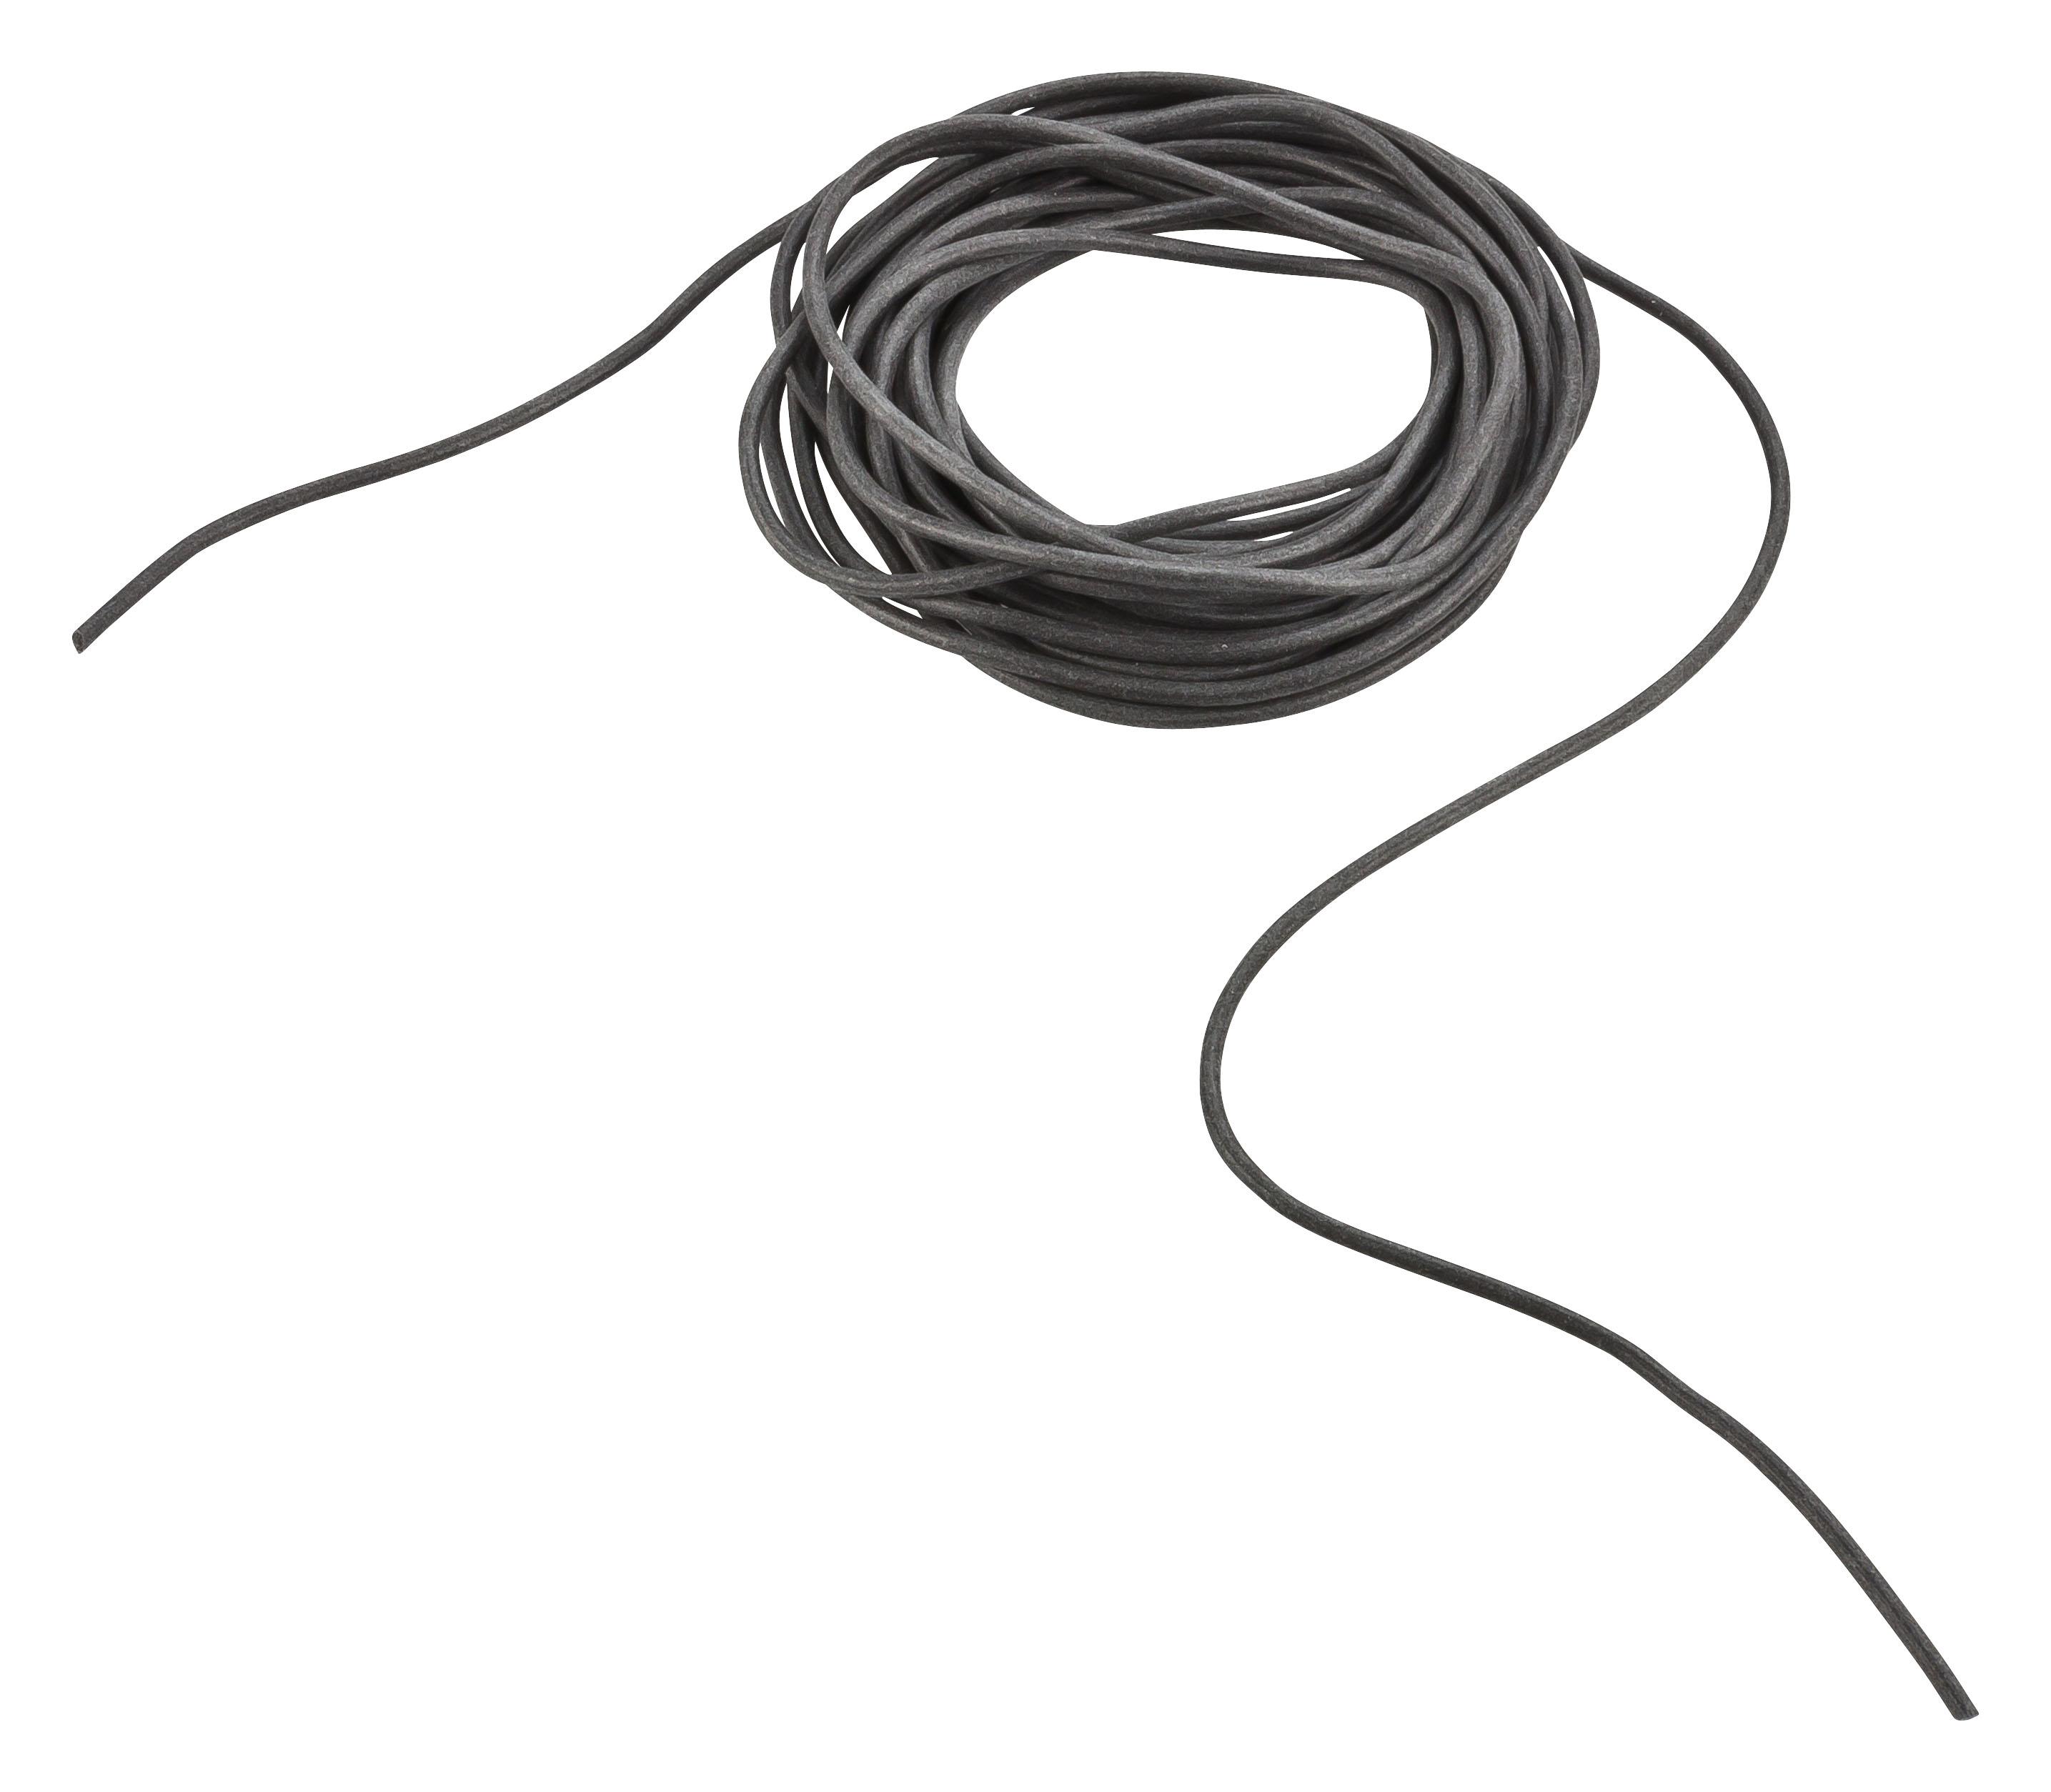 silikonschnur